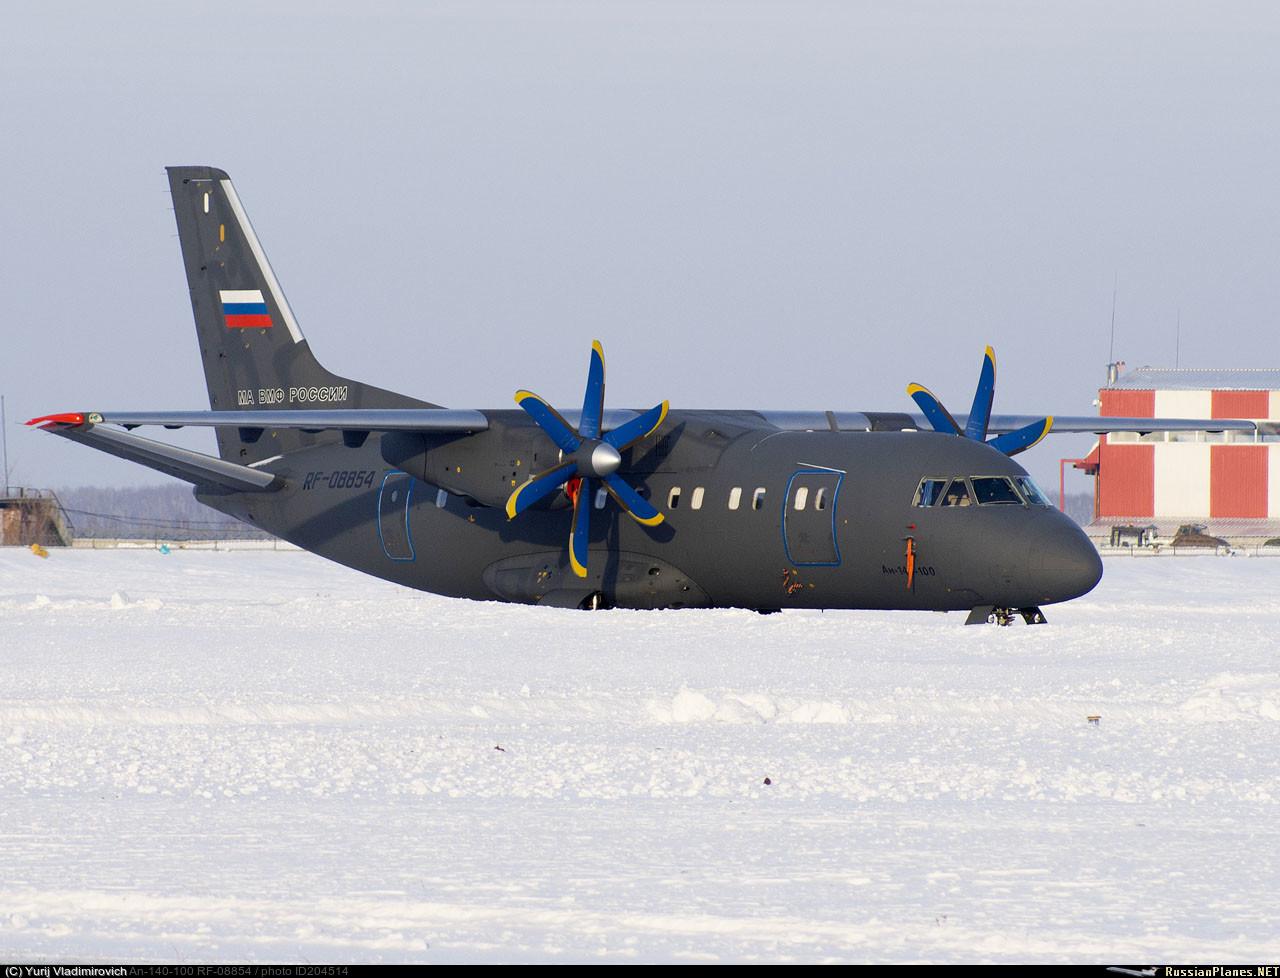 Совершавший перелет в состав Морской авиации Тихоокеанского флота самолет Ан-140-100 (регистрационный номер RF-08854, заводской номер 16А011) во время промежуточной посадки в Толмачево (Новосибирск), 12.02.2017.